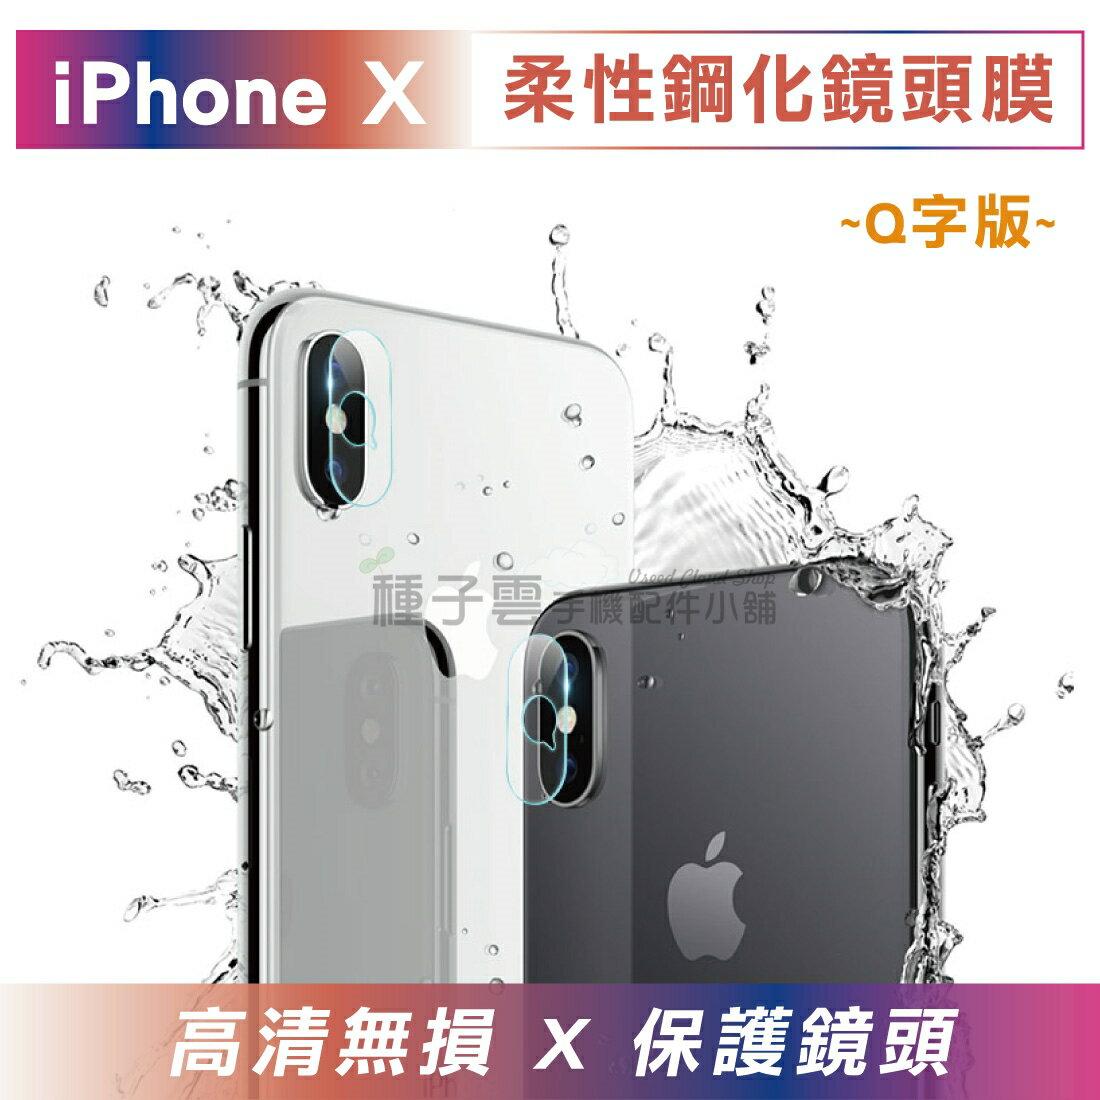 鏡頭 保護 iPhoneX 後鏡頭 無損 高清 鋼化 玻璃 保護貼 另售 保護貼 手機殼 充電器 全館滿299免運